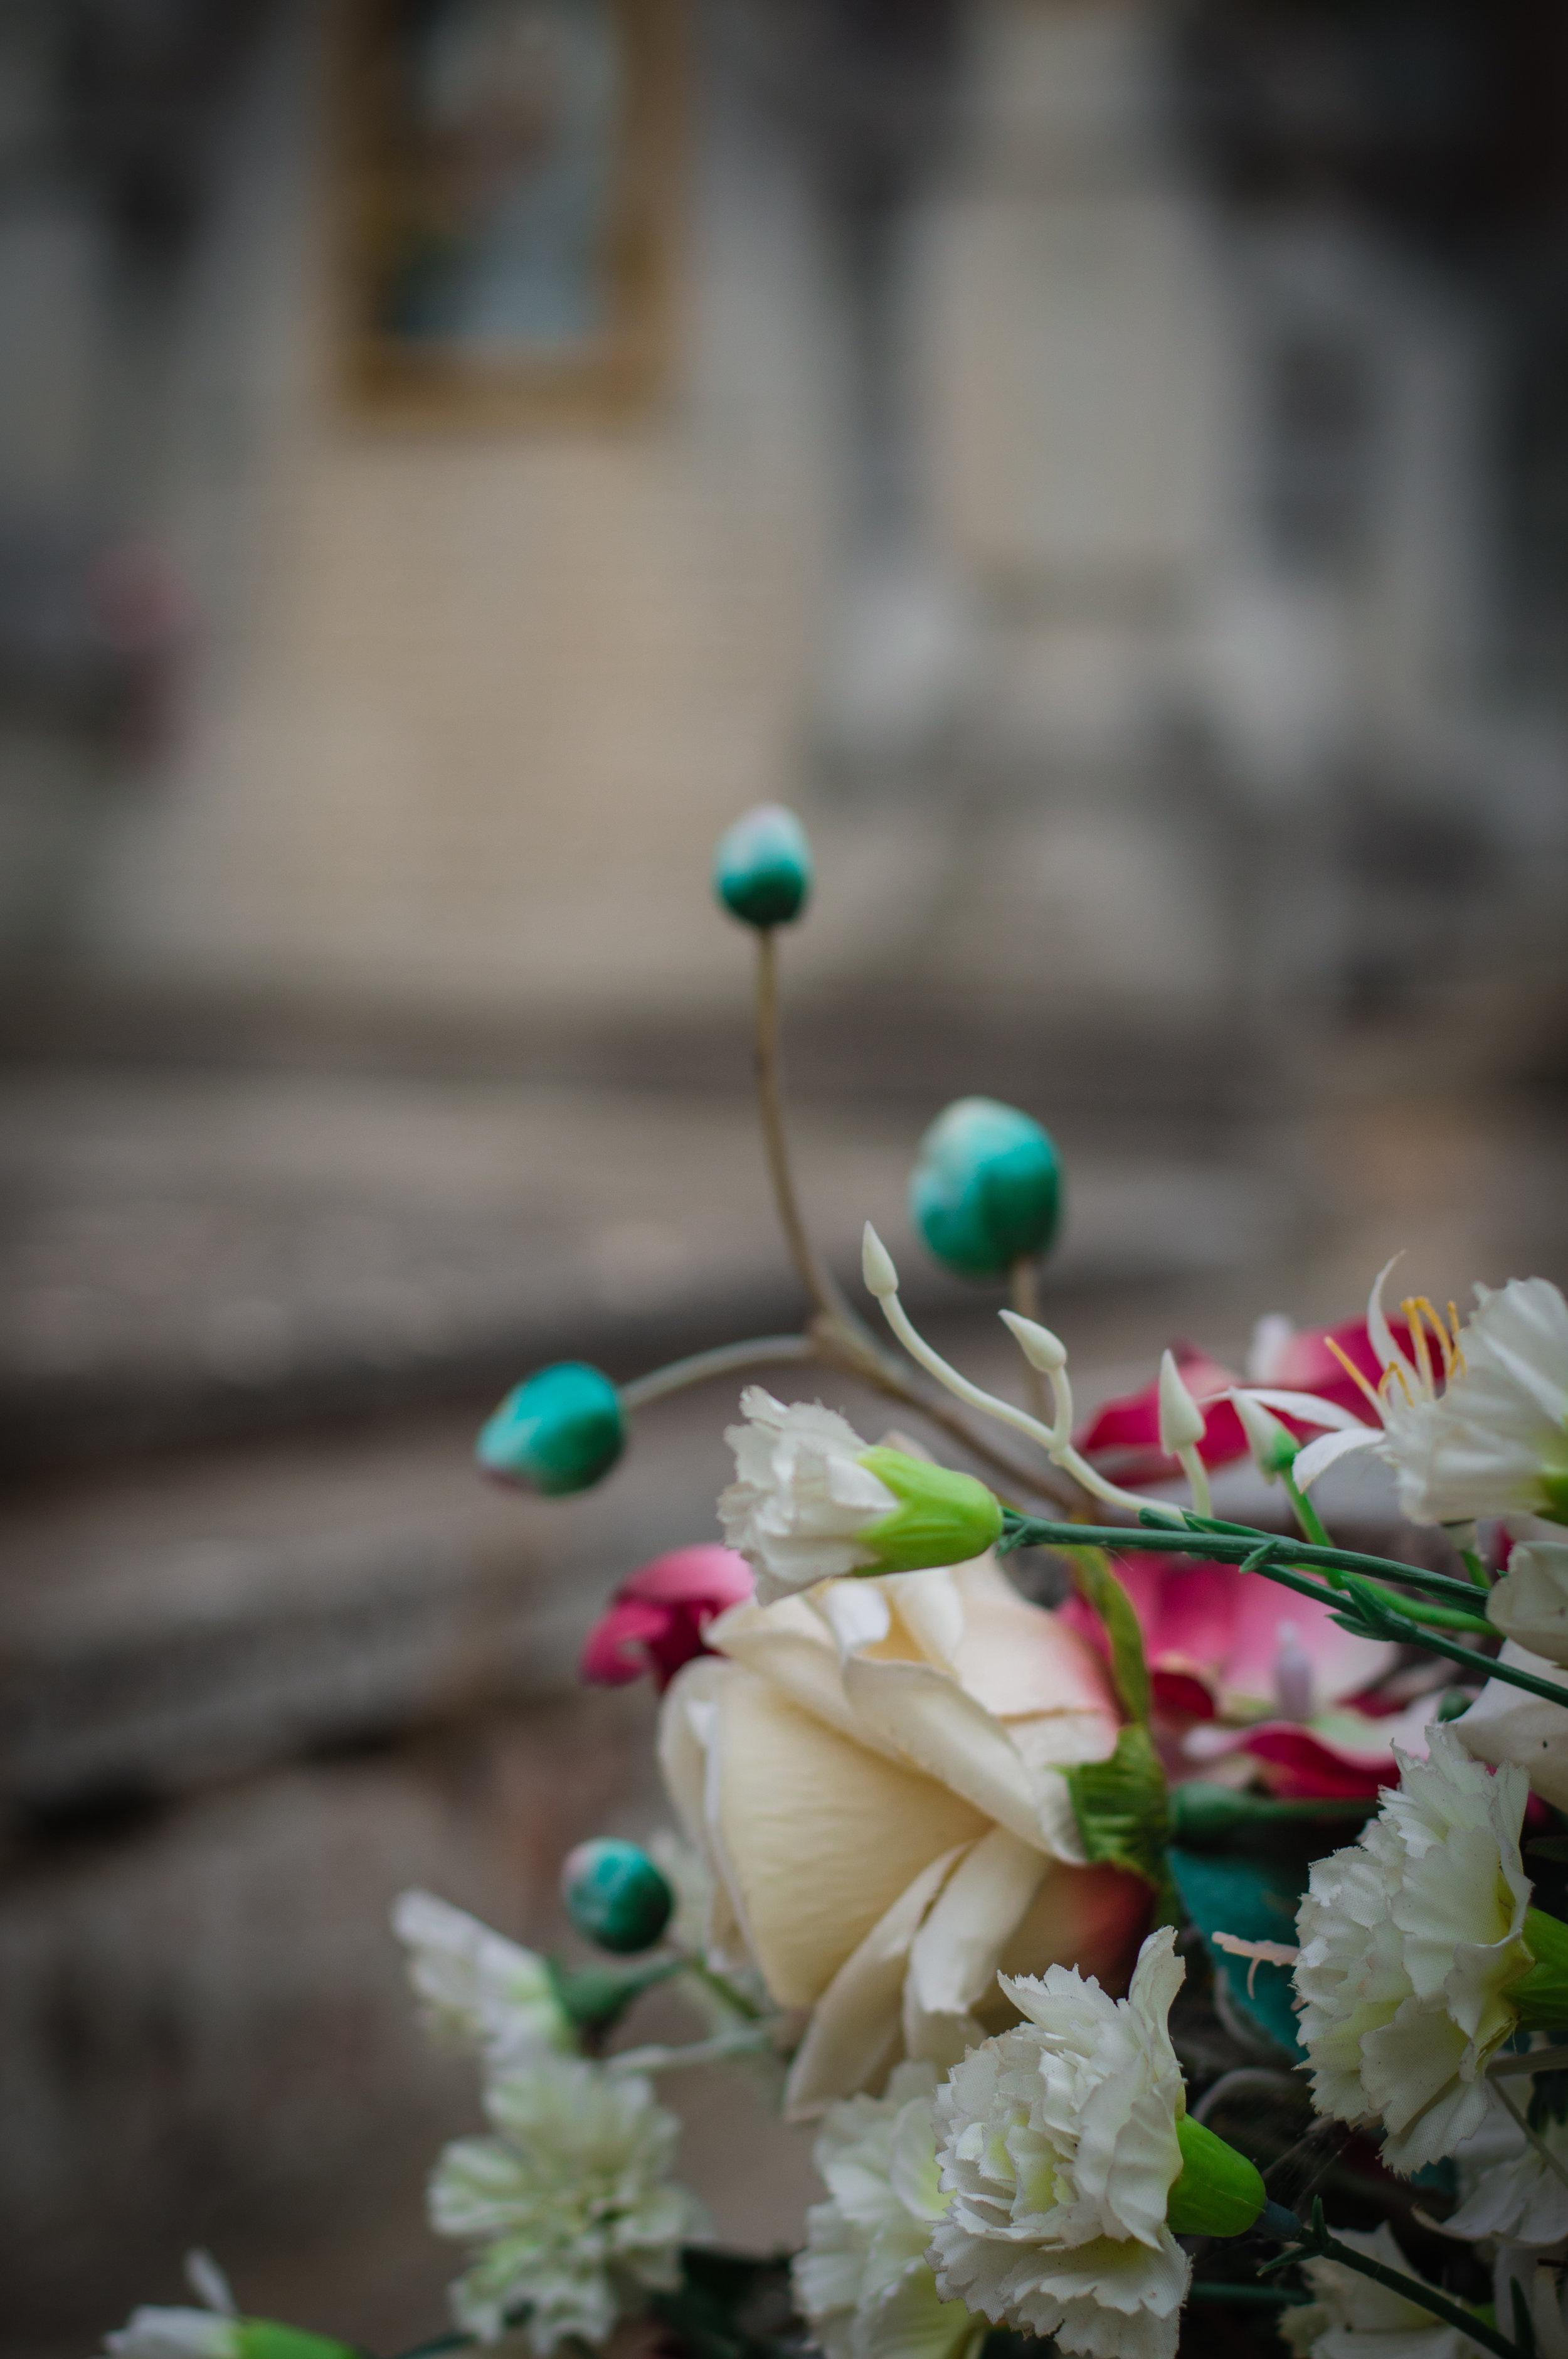 Flores en el cementerio (9 de 18).jpg